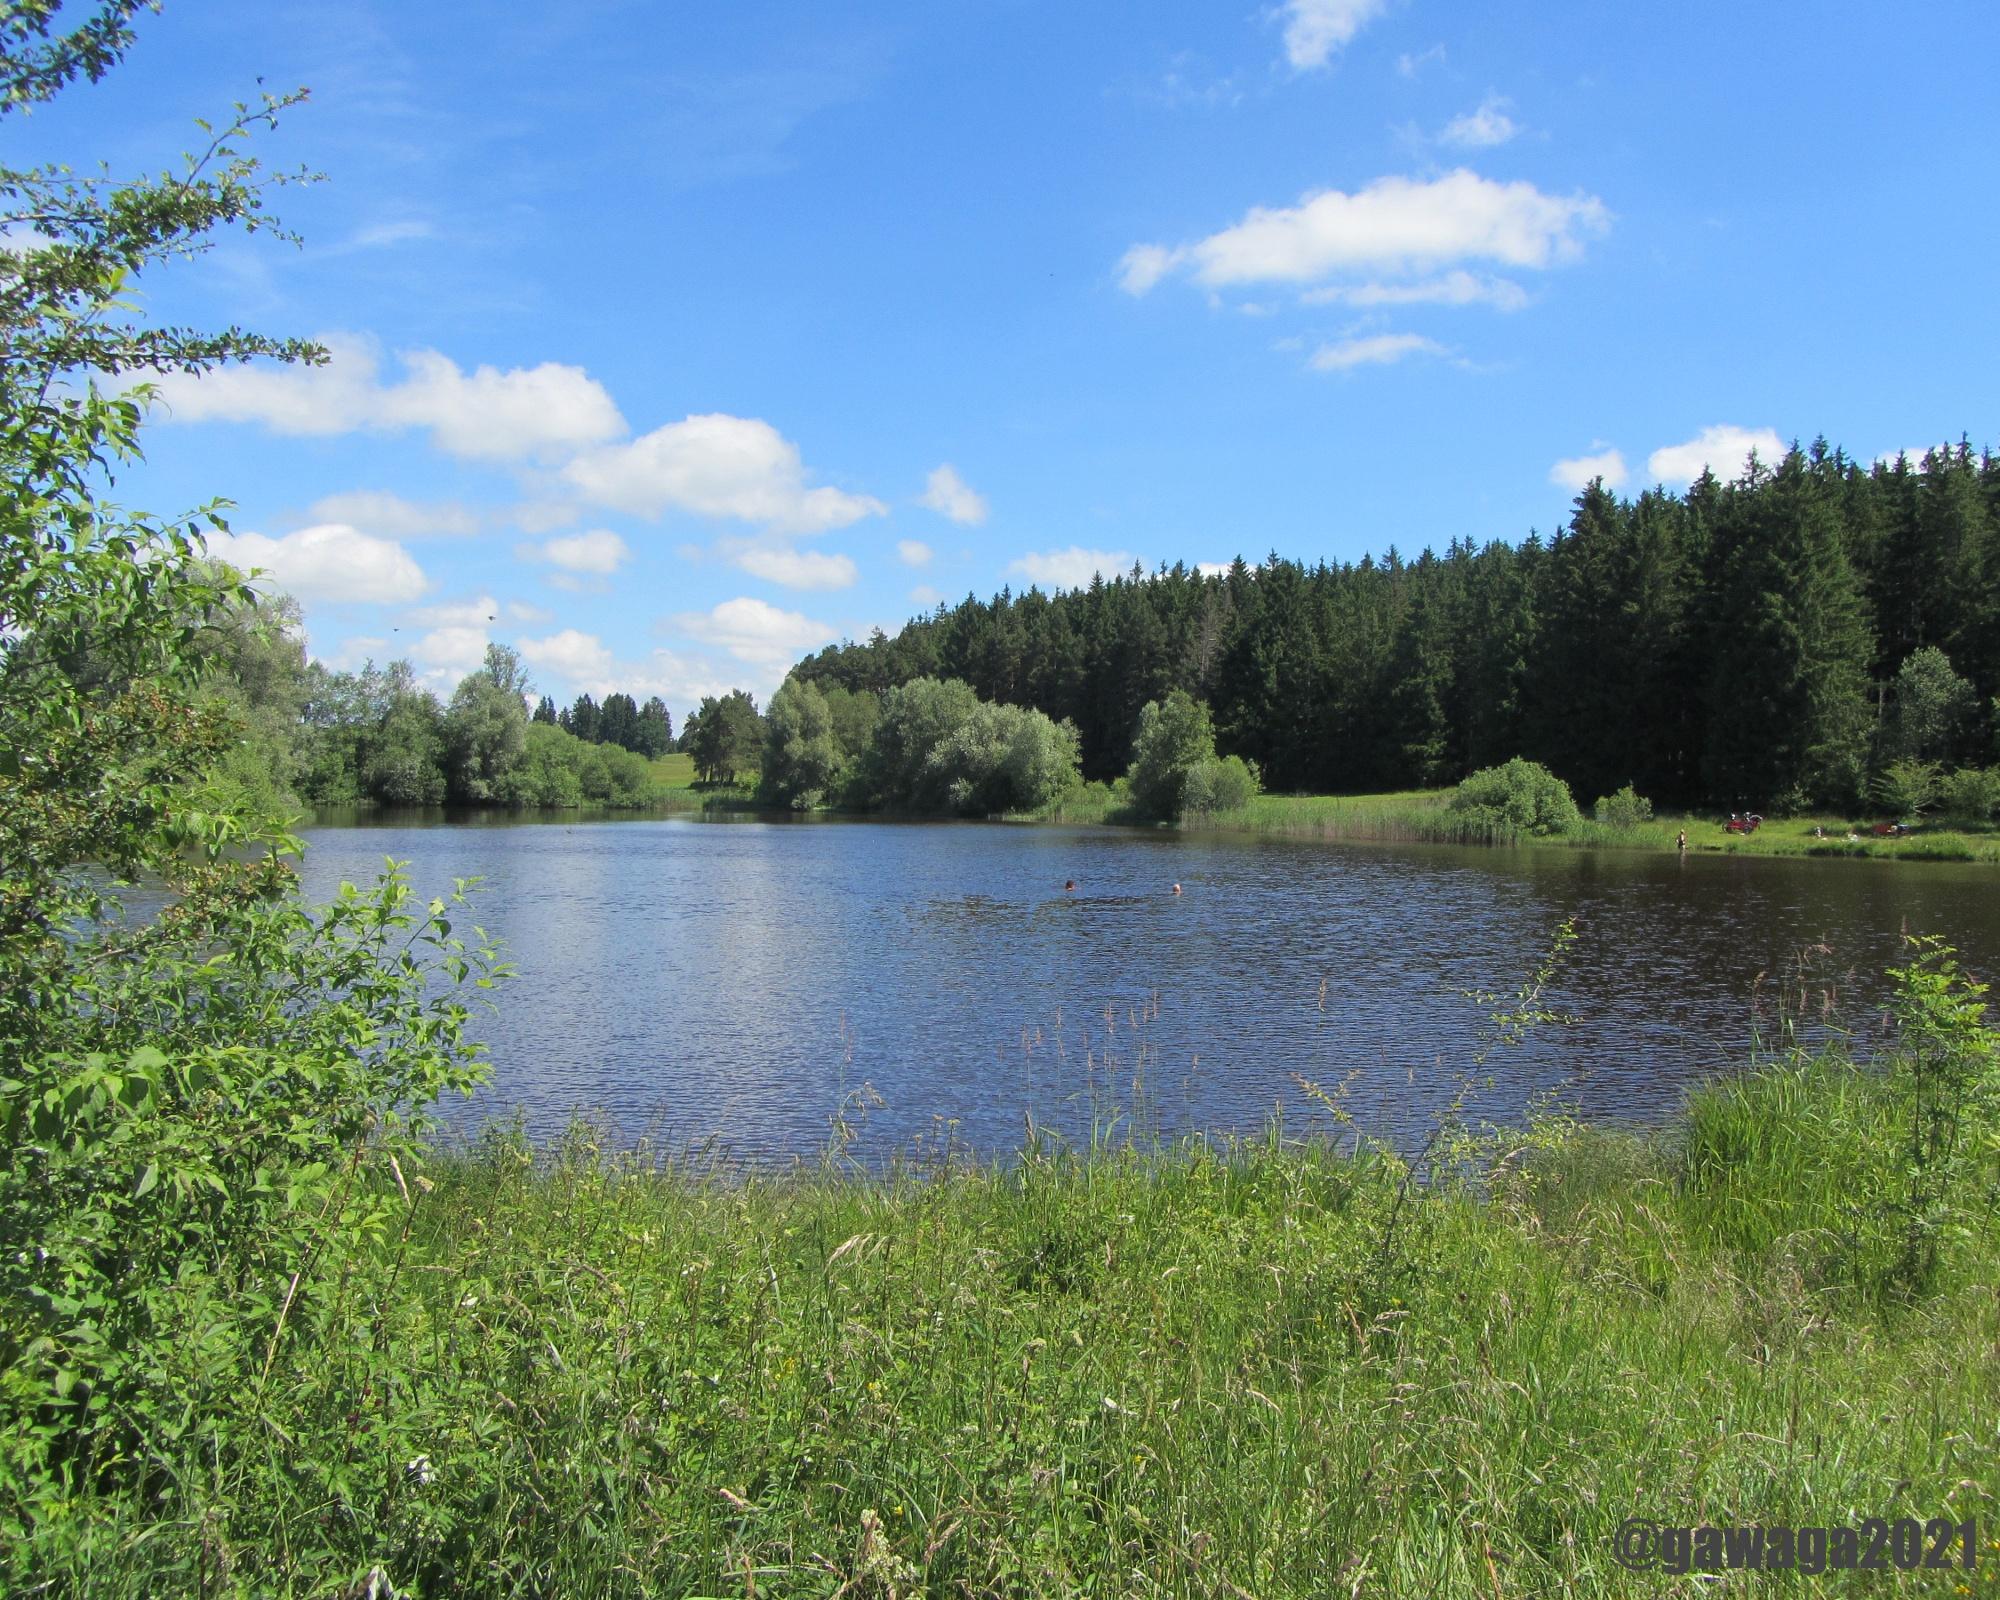 ein Spaziergang zum Baderwäldlesee, ein Naturbadesee mit moorhaltigem Wasser